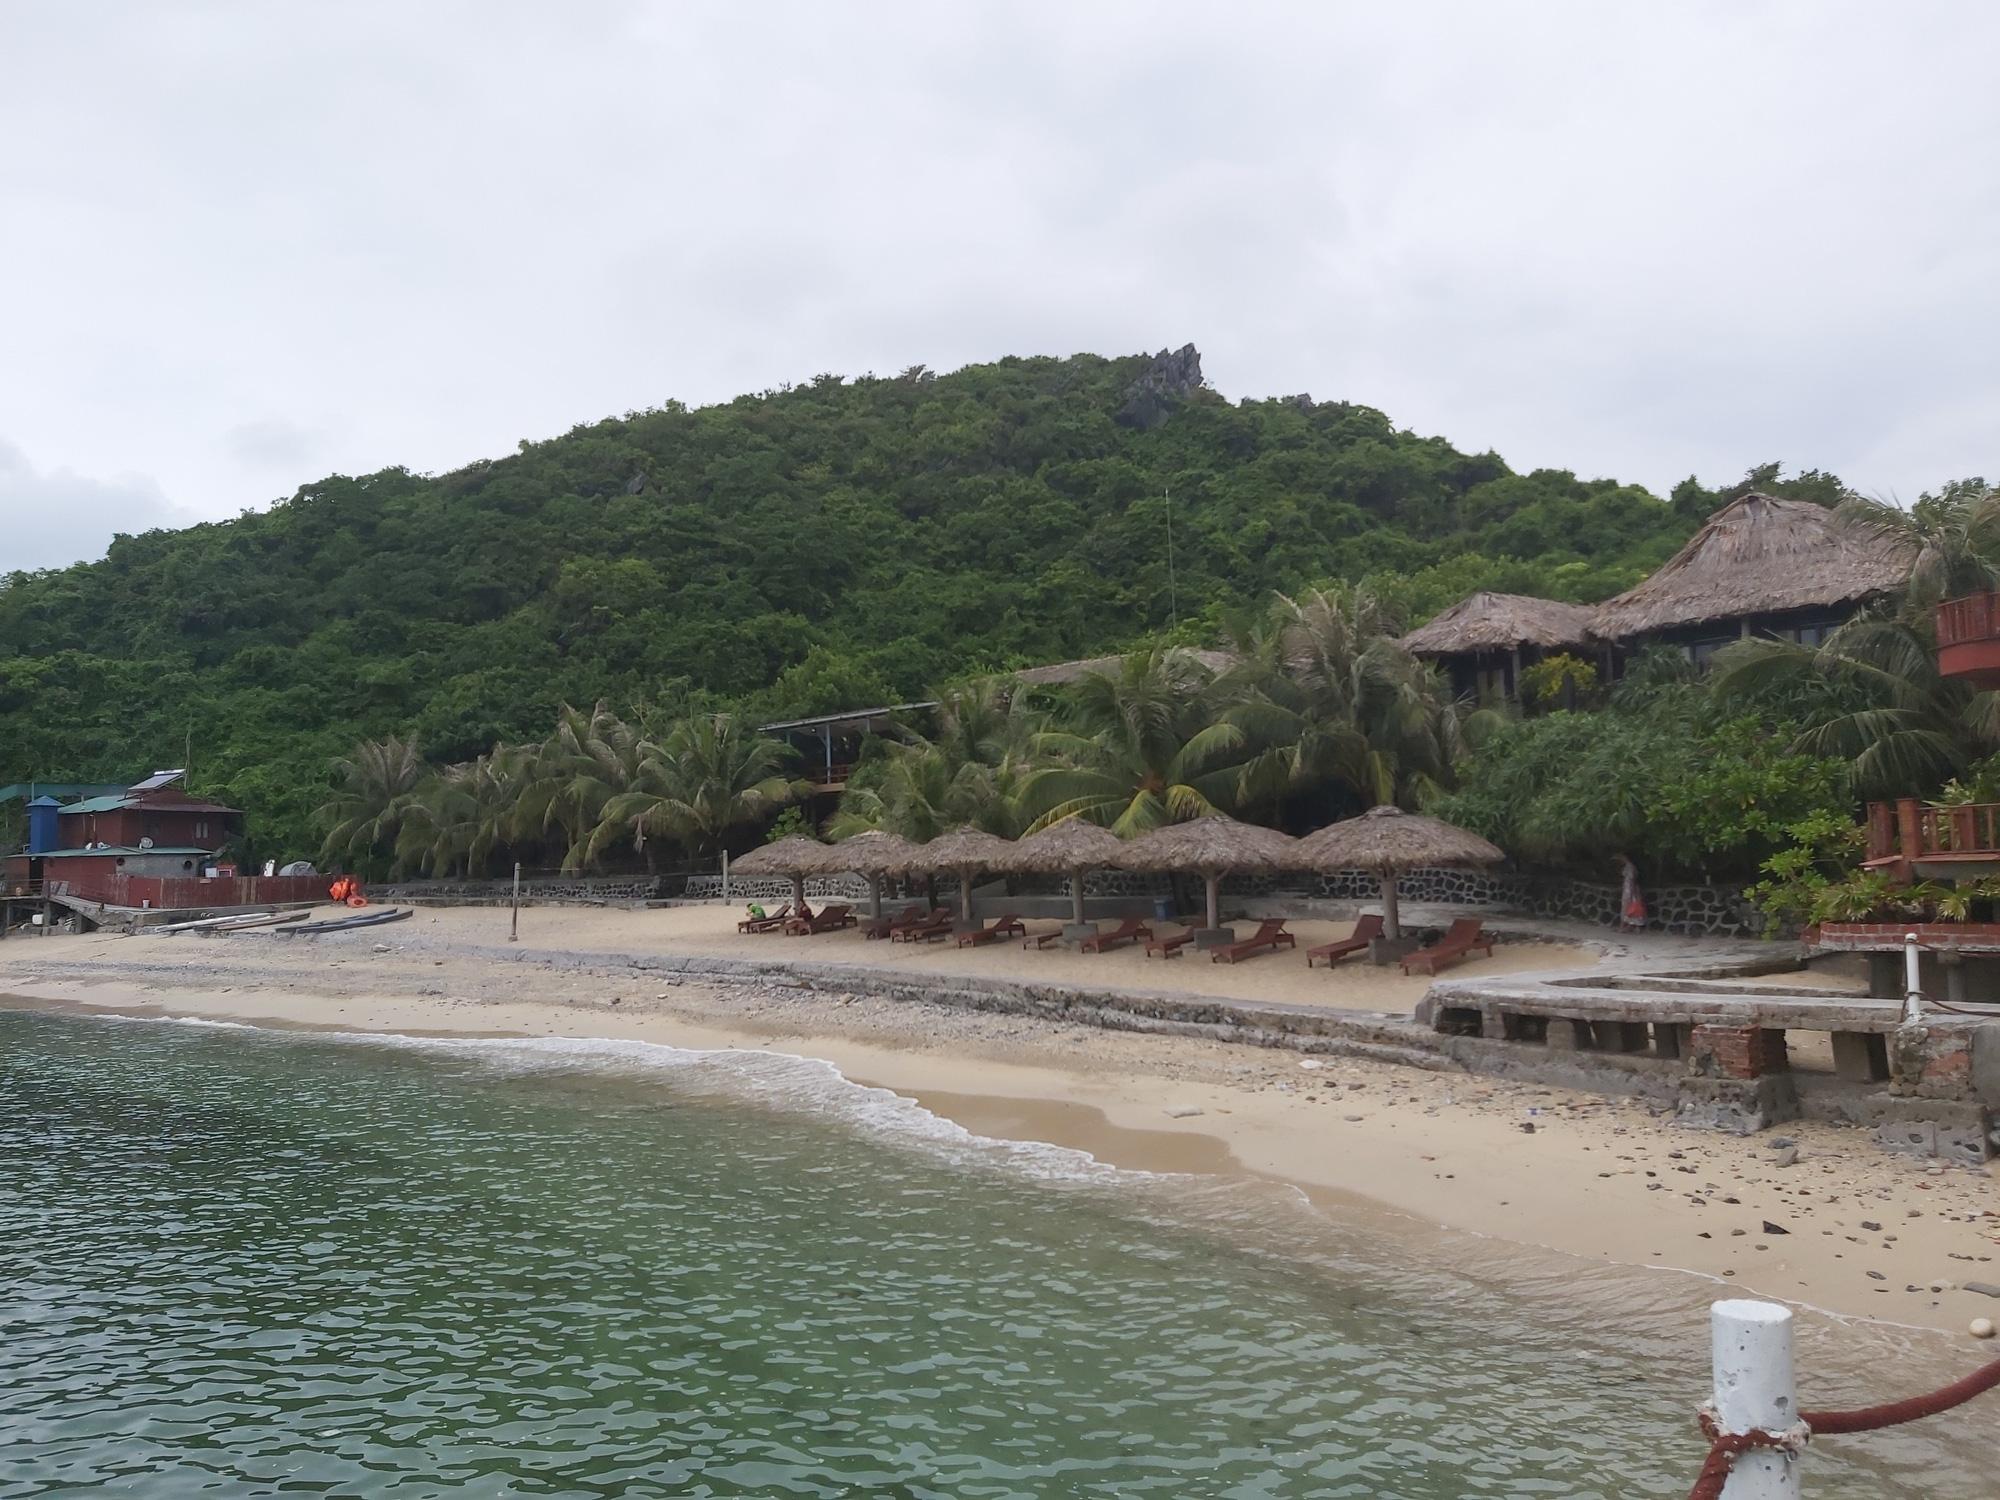 Hải Phòng: 600 tỷ đầu tư du lịch sinh thái, 6 doanh nghiệp bất ngờ bị biến công thành tội - Ảnh 2.